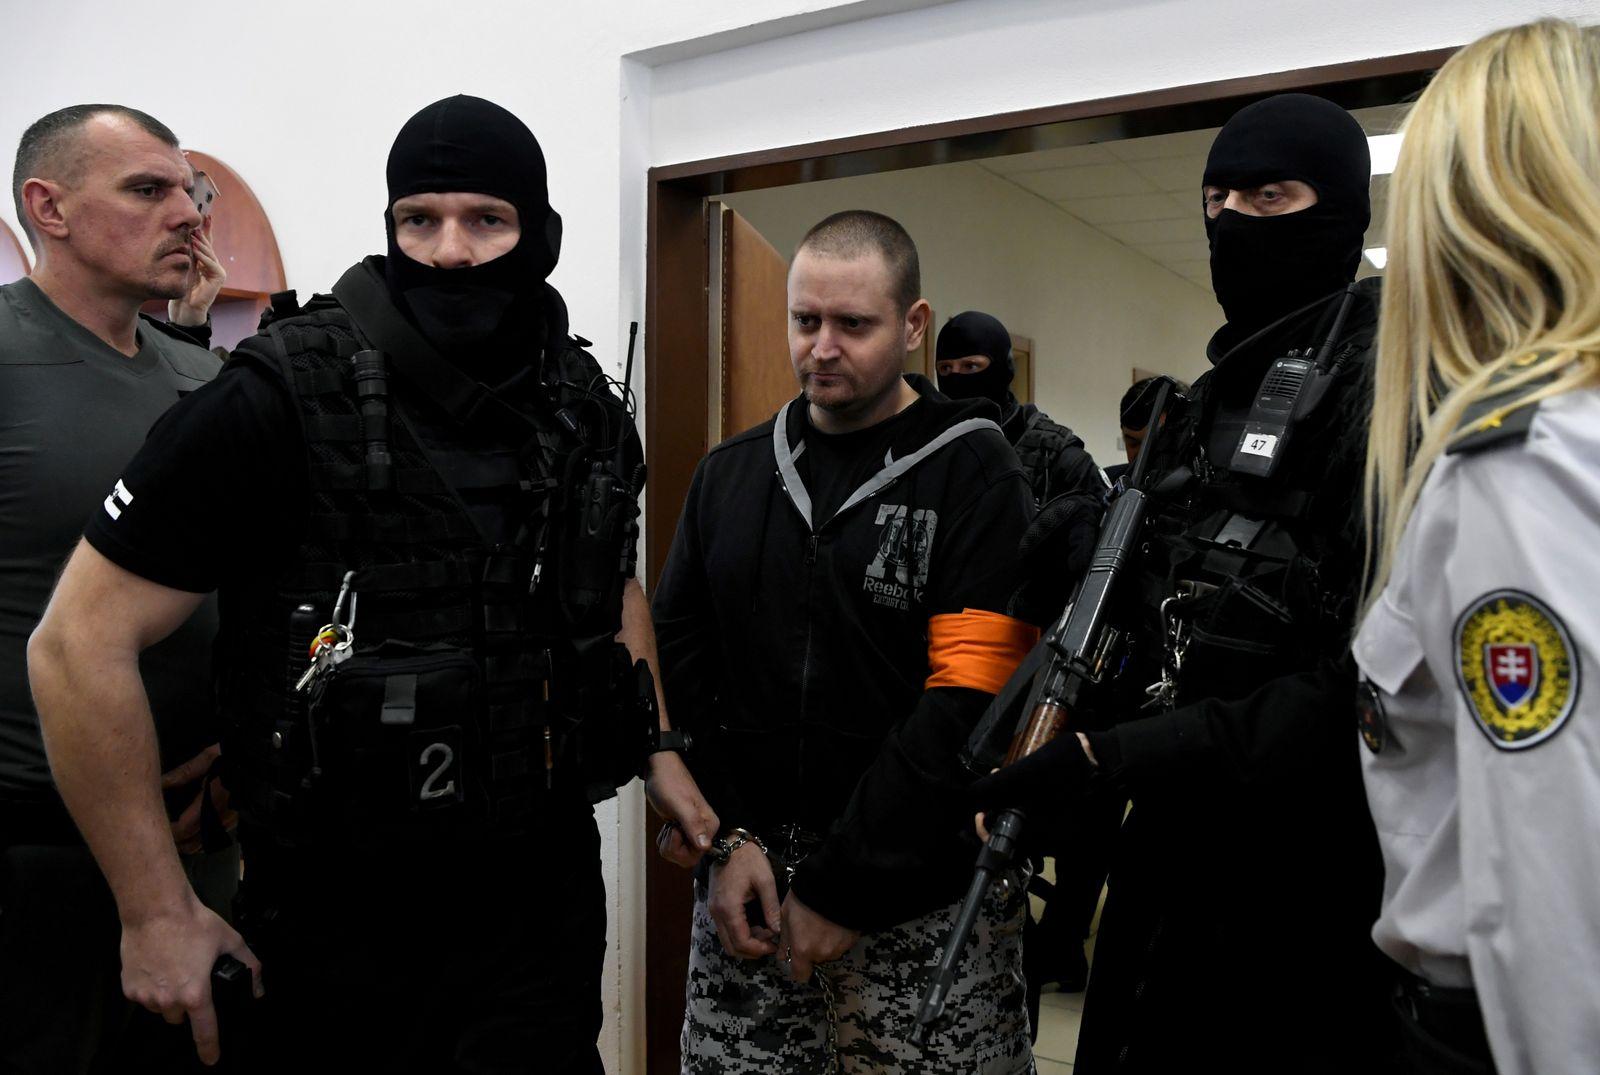 FILE PHOTO: Preliminary hearing on murders of investigative journalist Kuciak and his fiancee Kusnirova in Pezinok